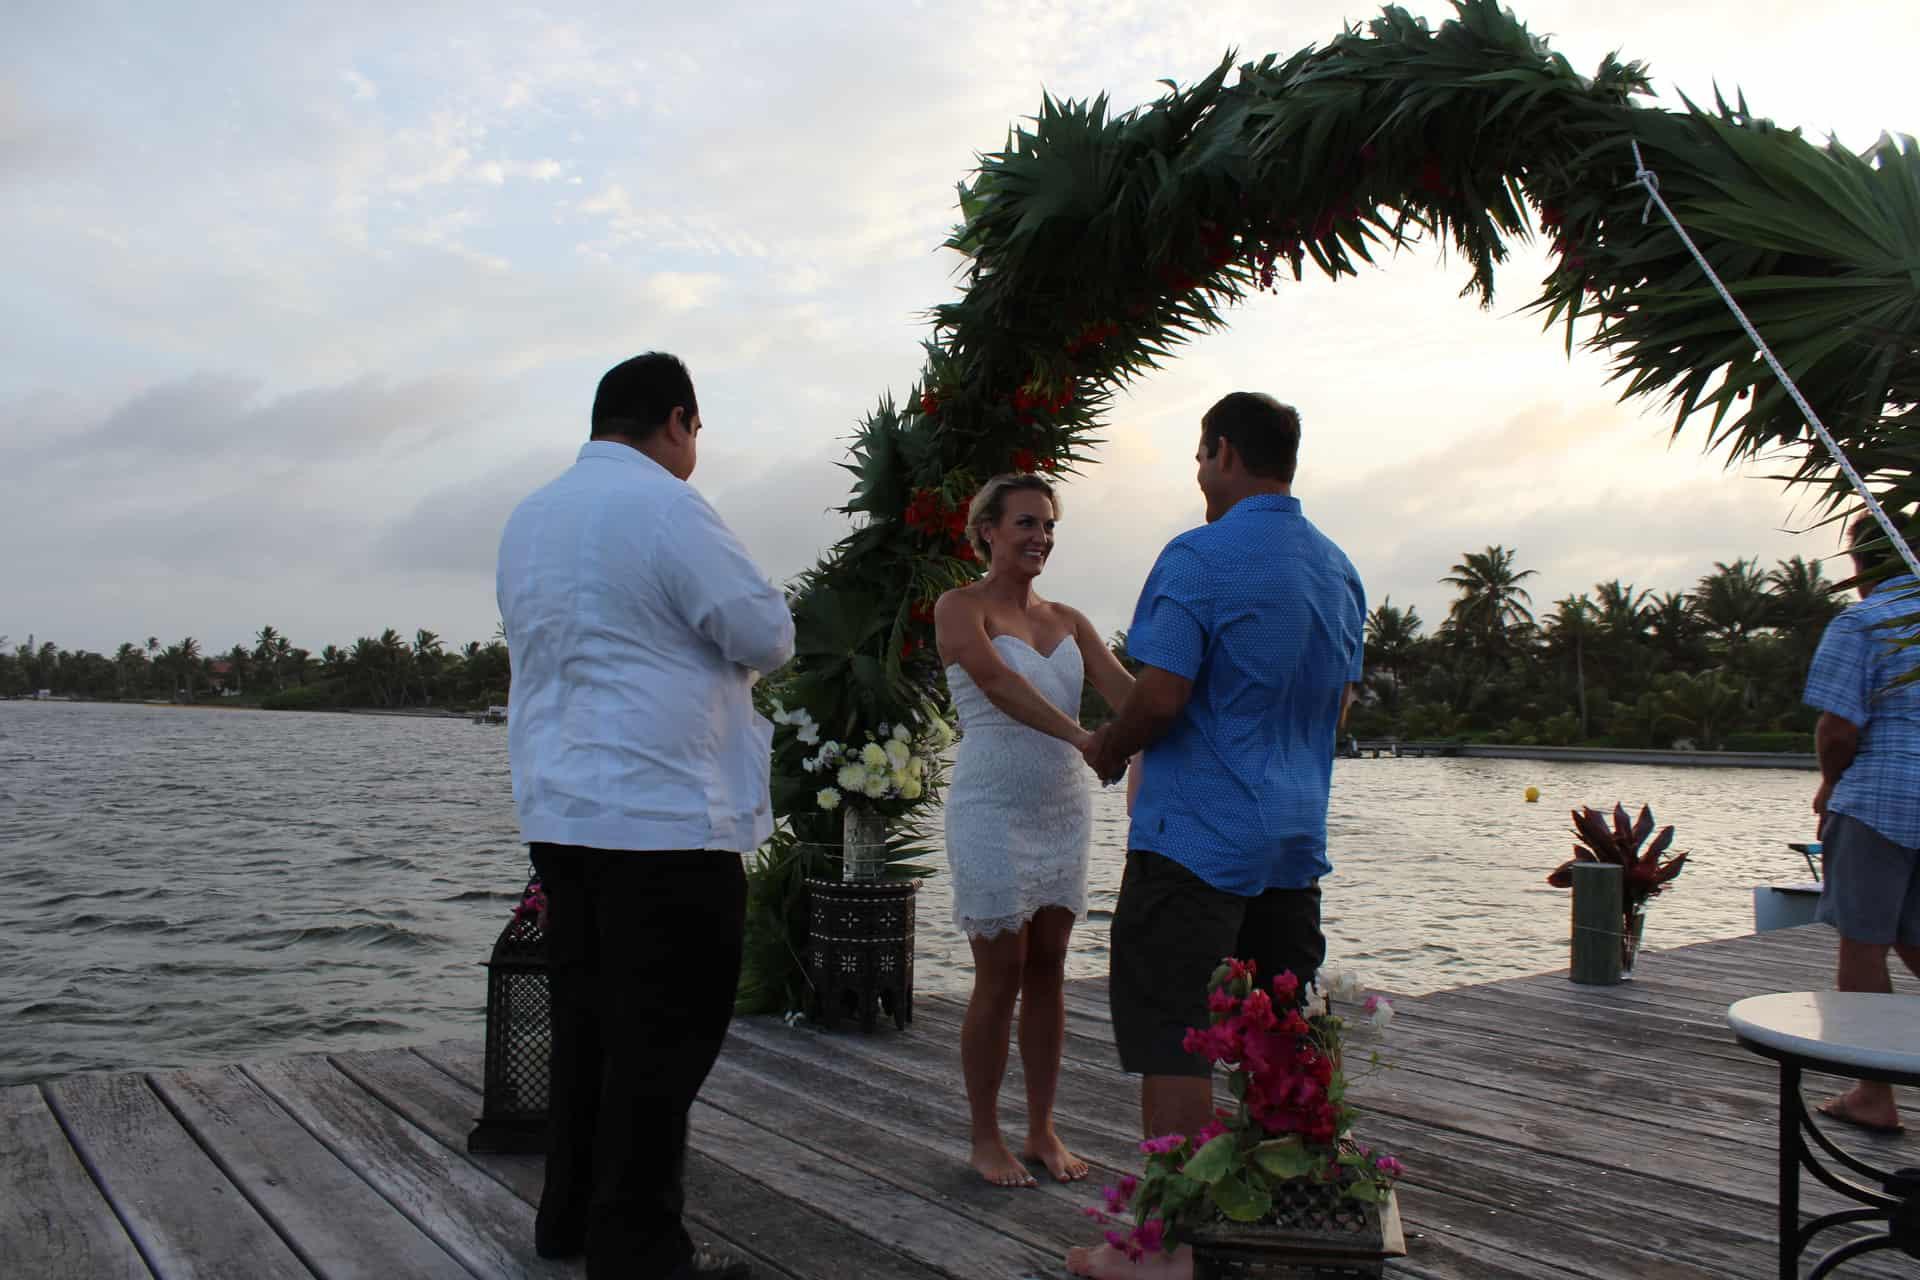 Canary Cove Hosts Destination Weddings